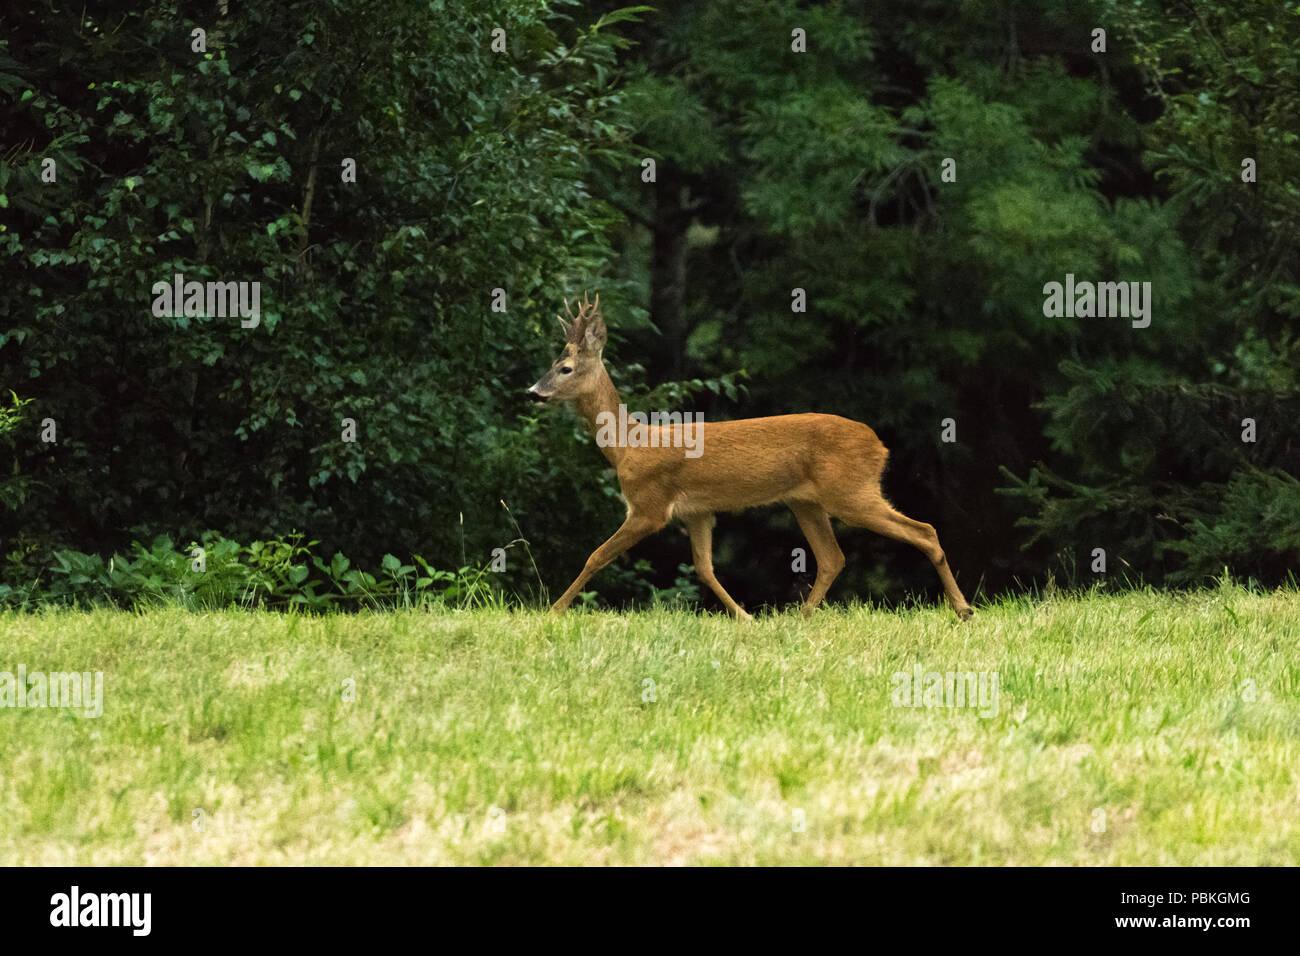 Ciervos en el bosque fauna silvestre leonado Imagen De Stock